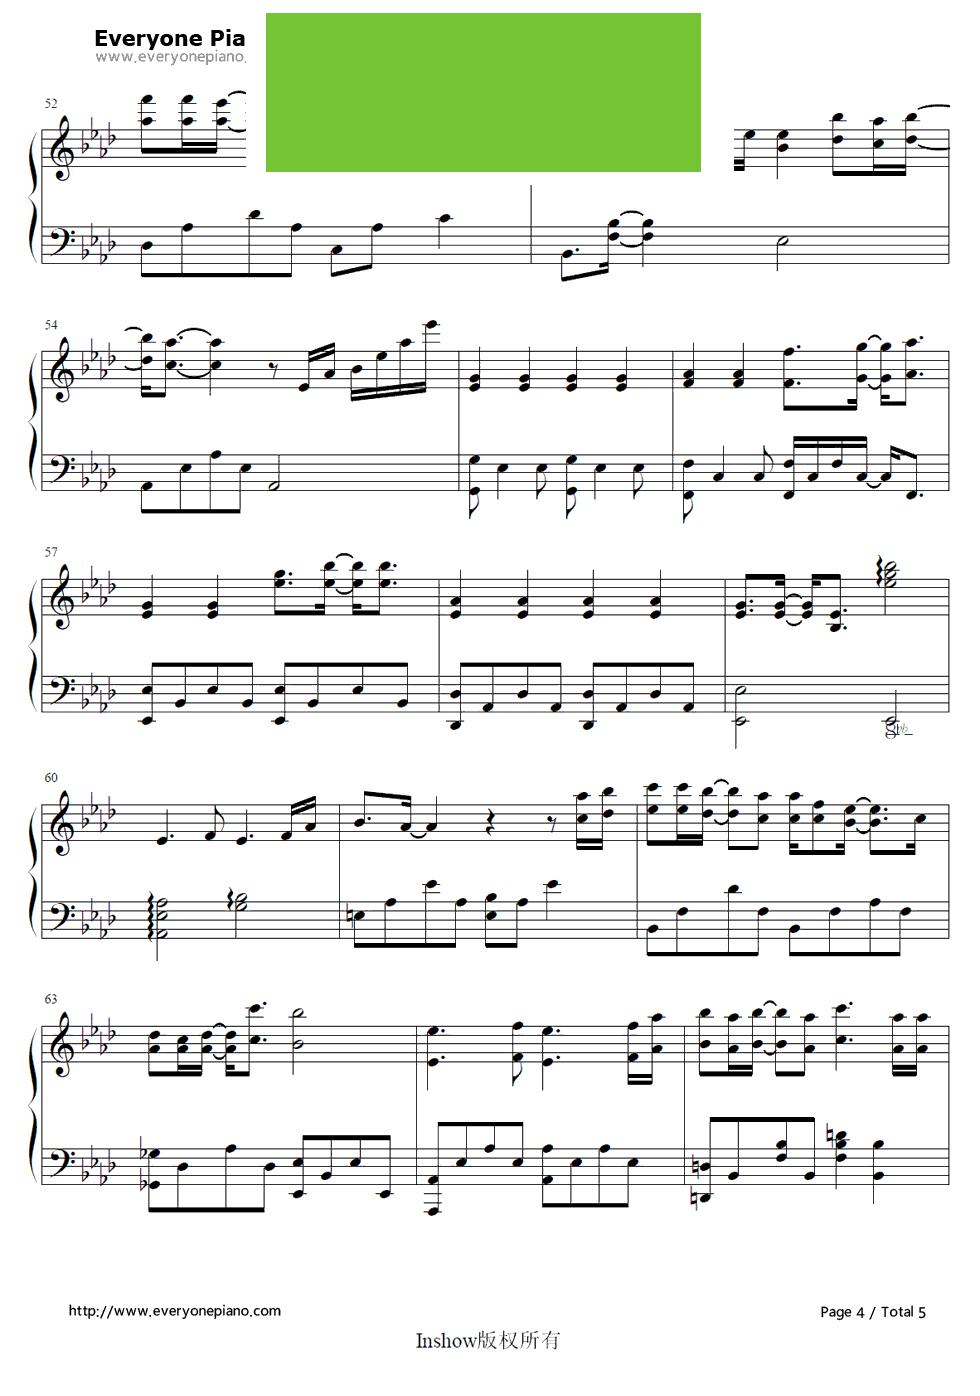 默的乐谱-主题曲) 钢琴曲谱   《My Sunshine》歌词   我们还没好好翻一翻那错